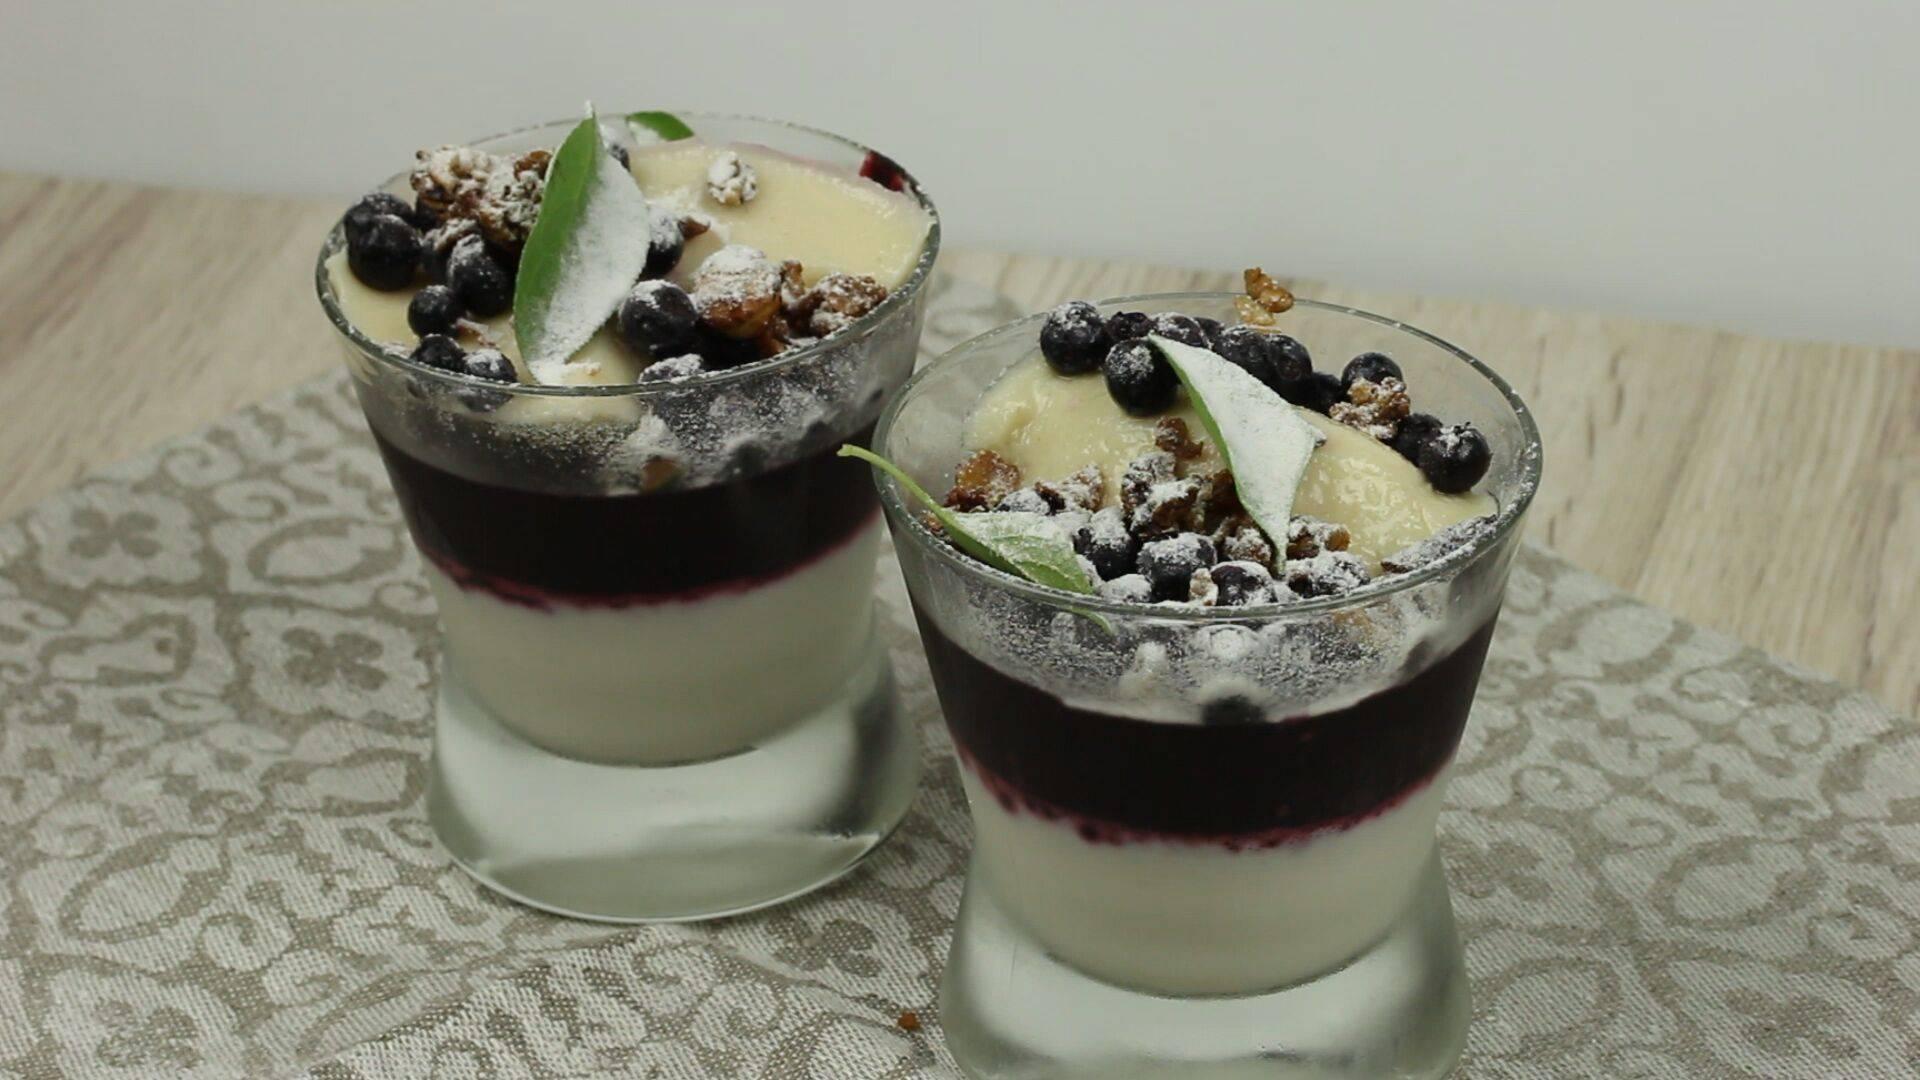 Обалденное кокосово-ягодное желе!